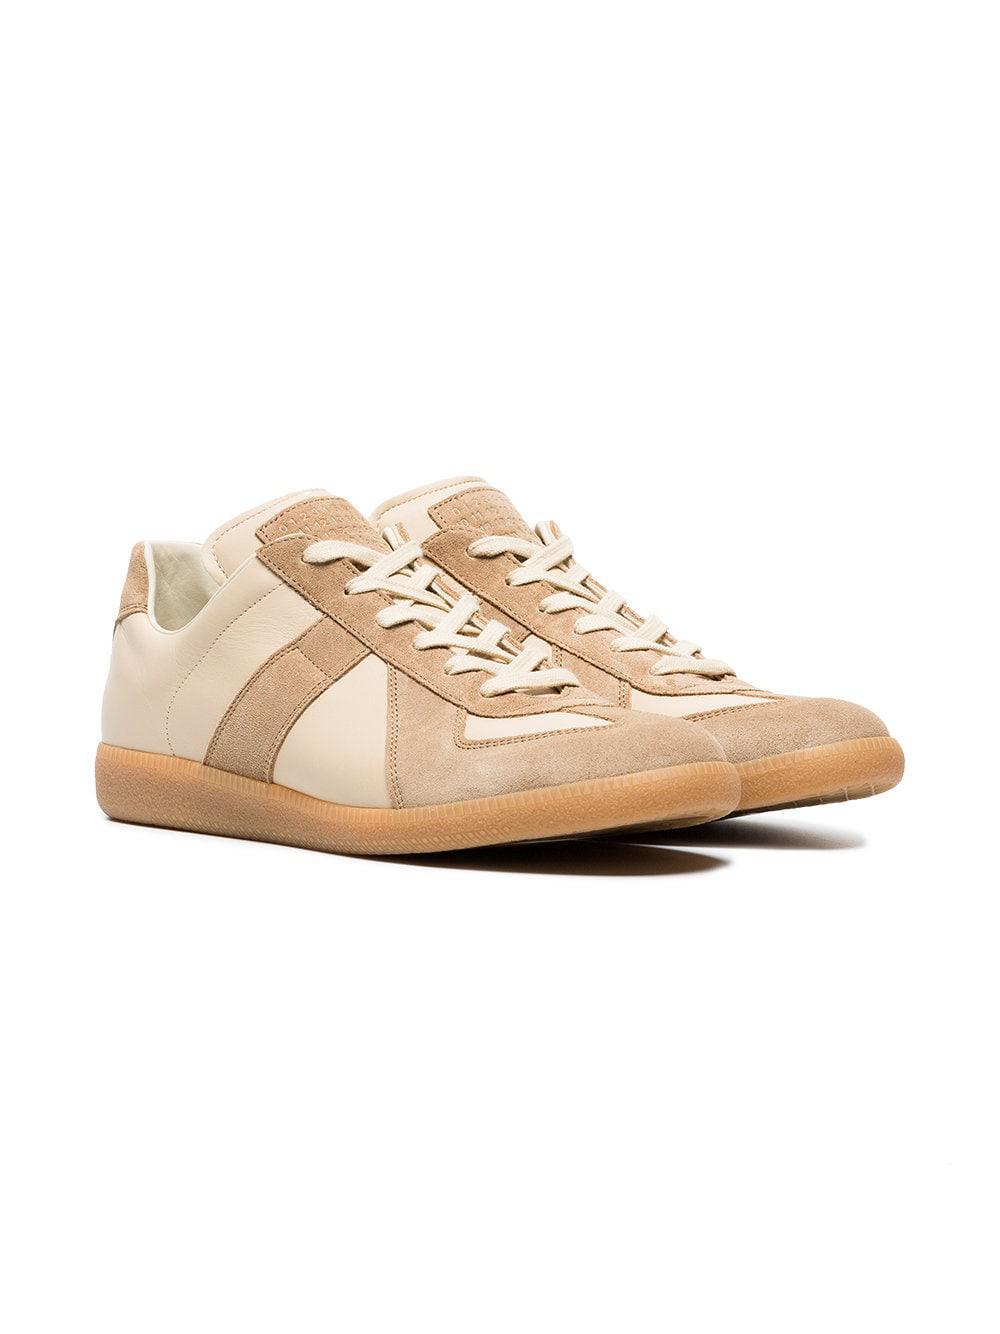 Margiela Hi Maison Neutrals Pelle Future top SneakersNudeamp; Farfetch Beige cRj3L54Aq